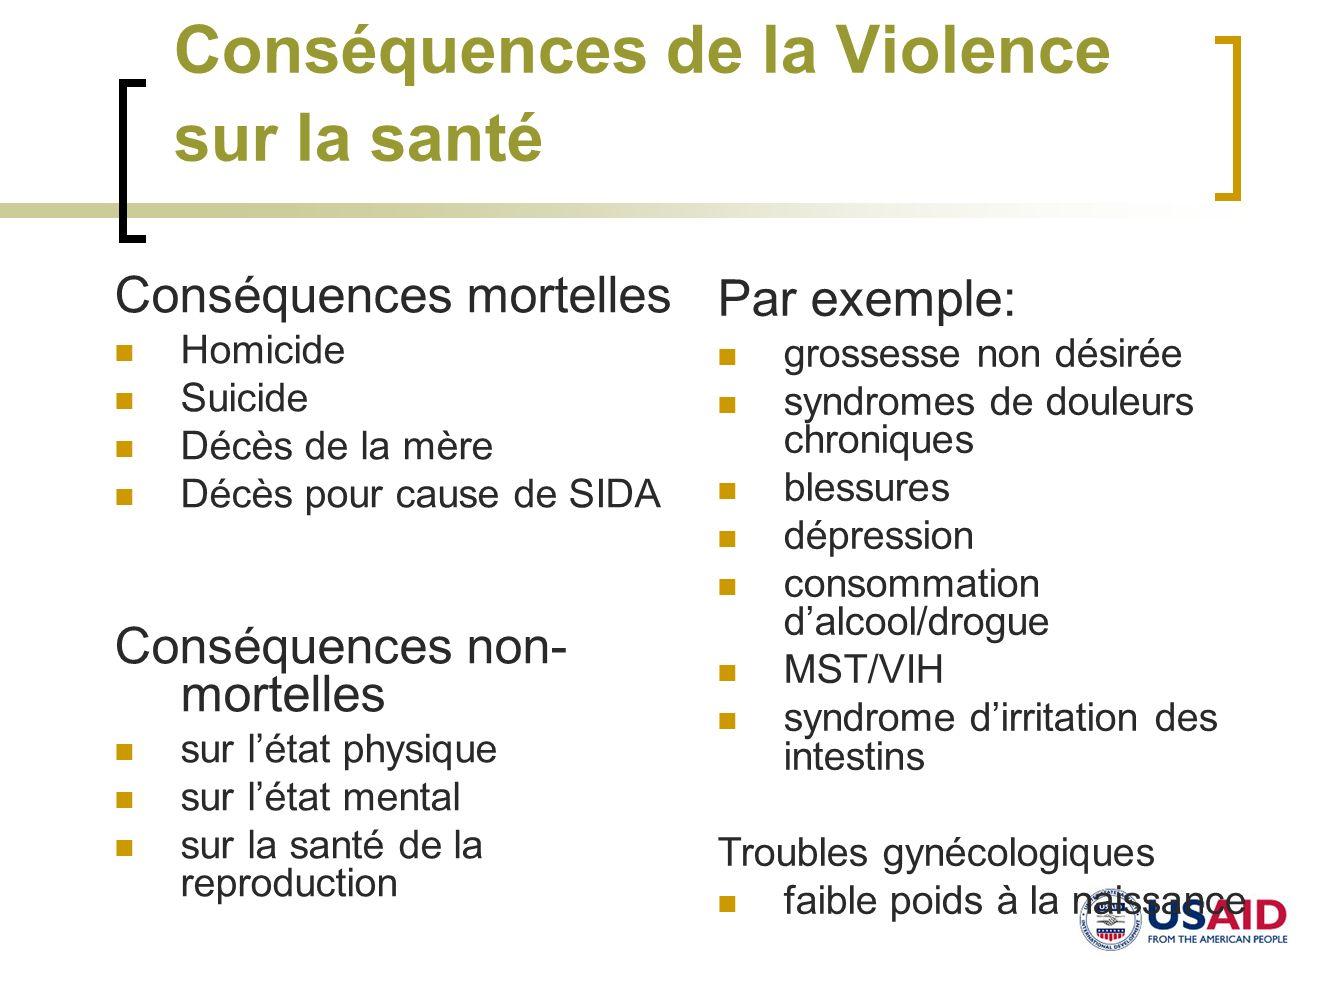 Conséquences de la Violence sur la santé Conséquences mortelles Homicide Suicide Décès de la mère Décès pour cause de SIDA Conséquences non- mortelles